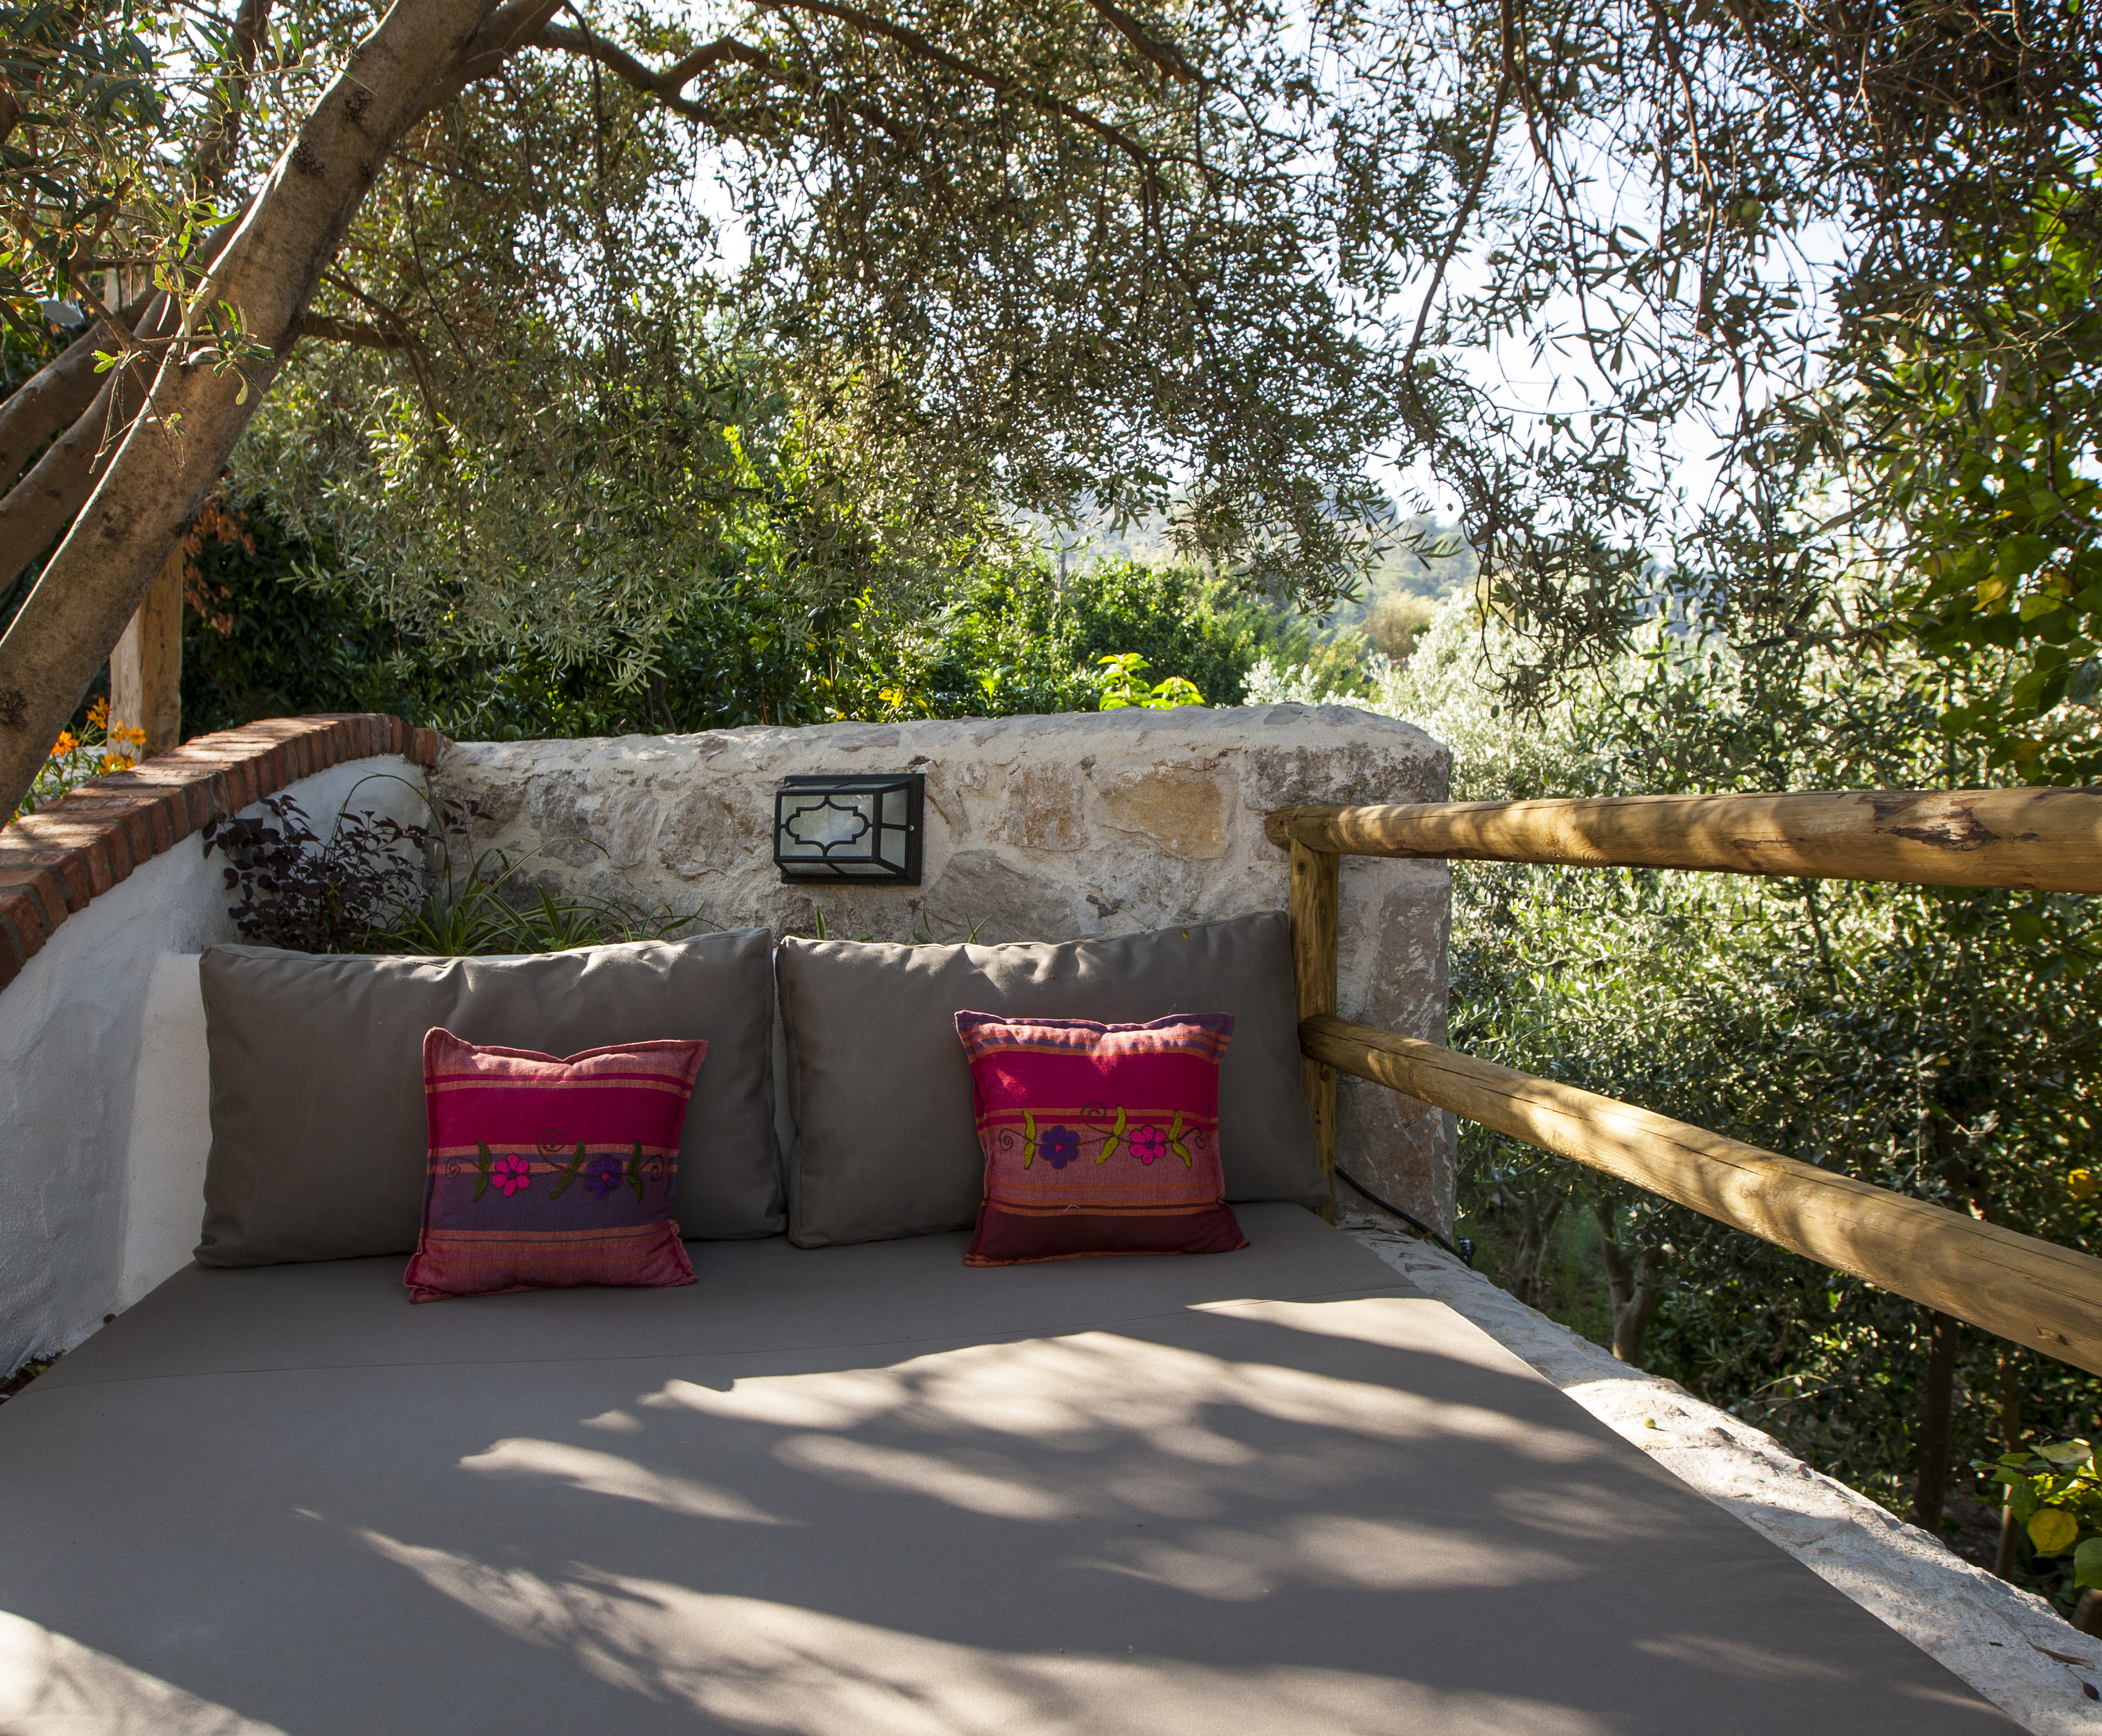 Ferienwohnung Luxurise Unterkunft und persnliches Ambiente in unzerstrter Natur (2742320), Fethiye, , Ägäisregion, Türkei, Bild 2